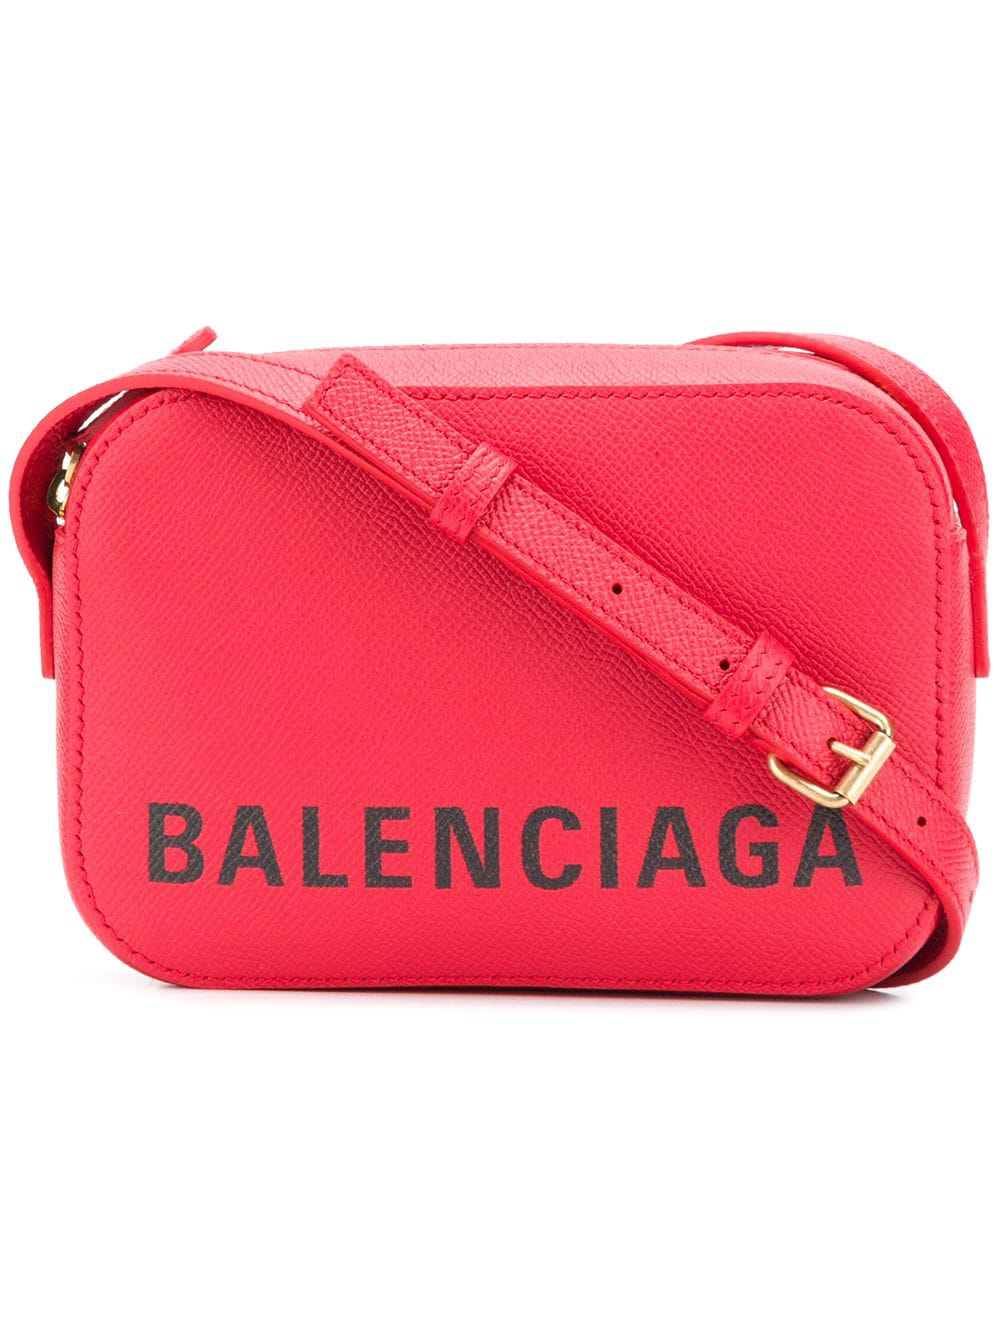 51bfc1460 Balenciaga Ville Camera Xs Aj Crossbody Bag - Red | ModeSens